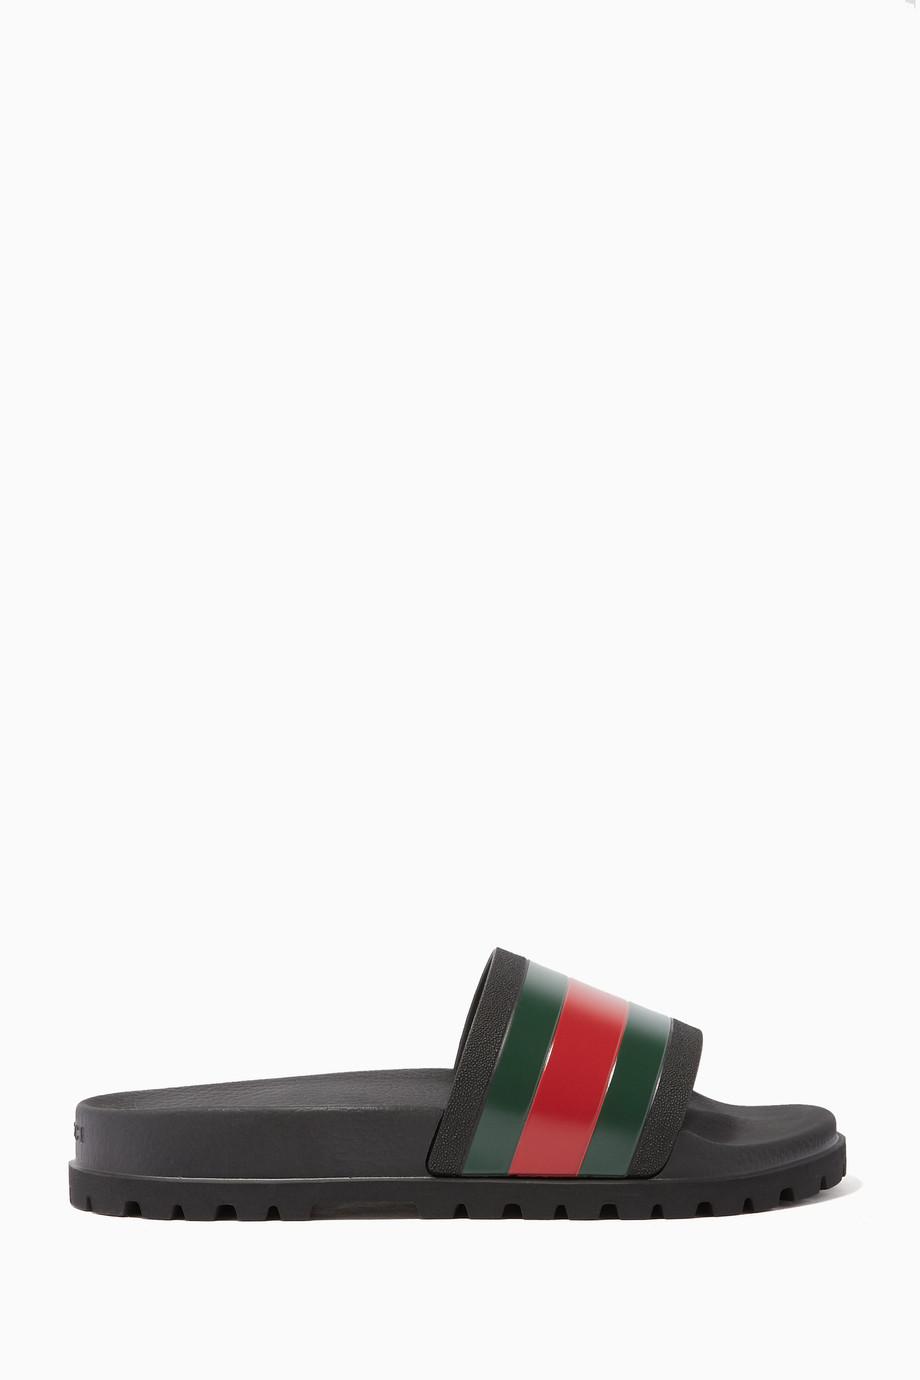 60b6aef8a50 Shop Gucci Black Black Pursuit Trek Web Slide Sandals for Men ...